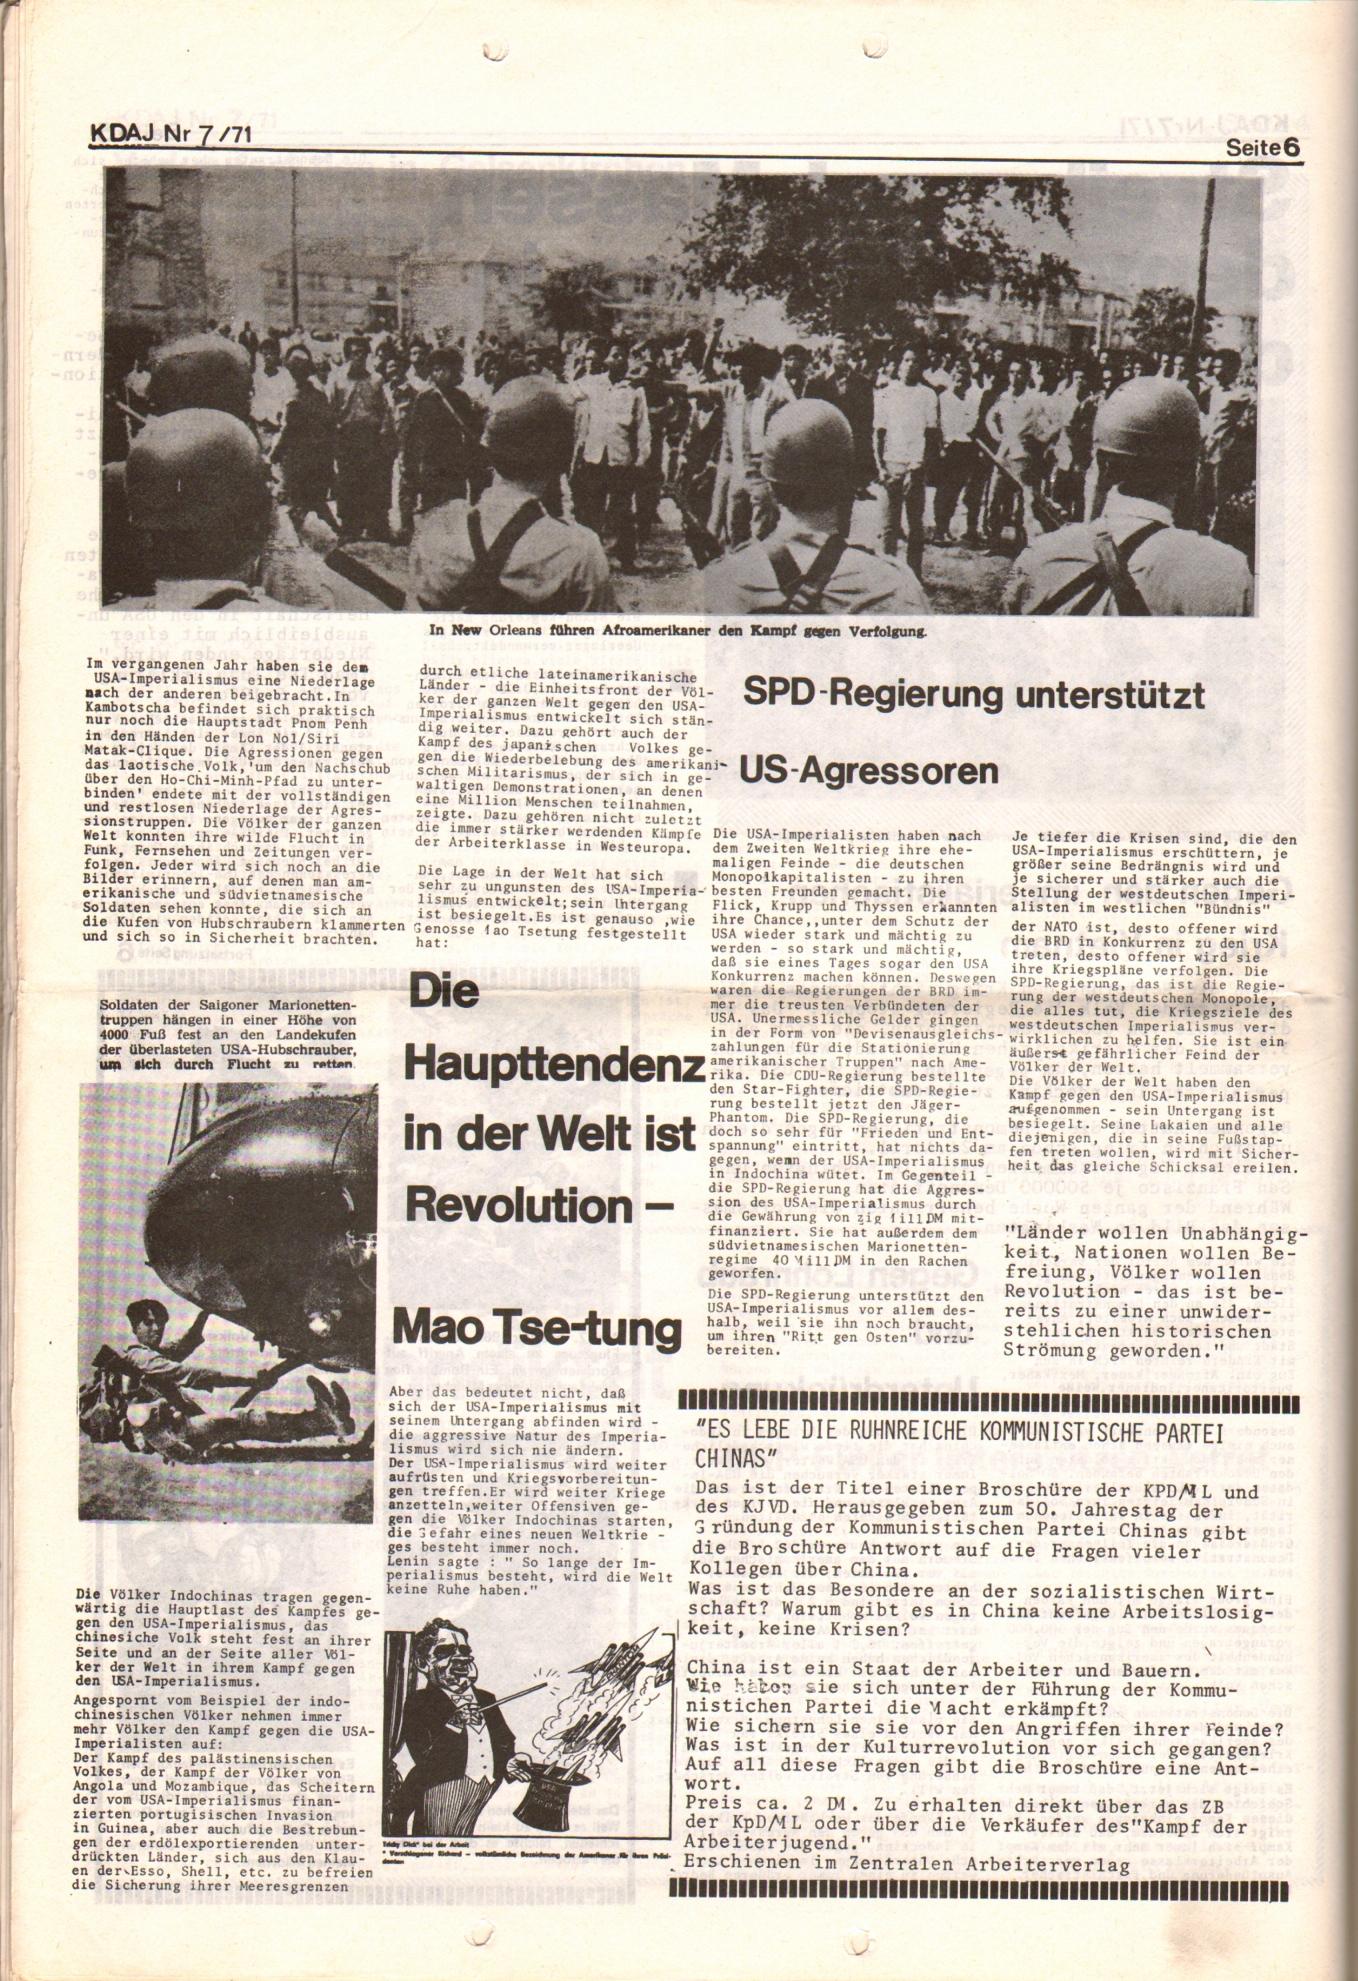 KDAJ, 2. Jg., Juli 1971, Nr. 7, Seite 6